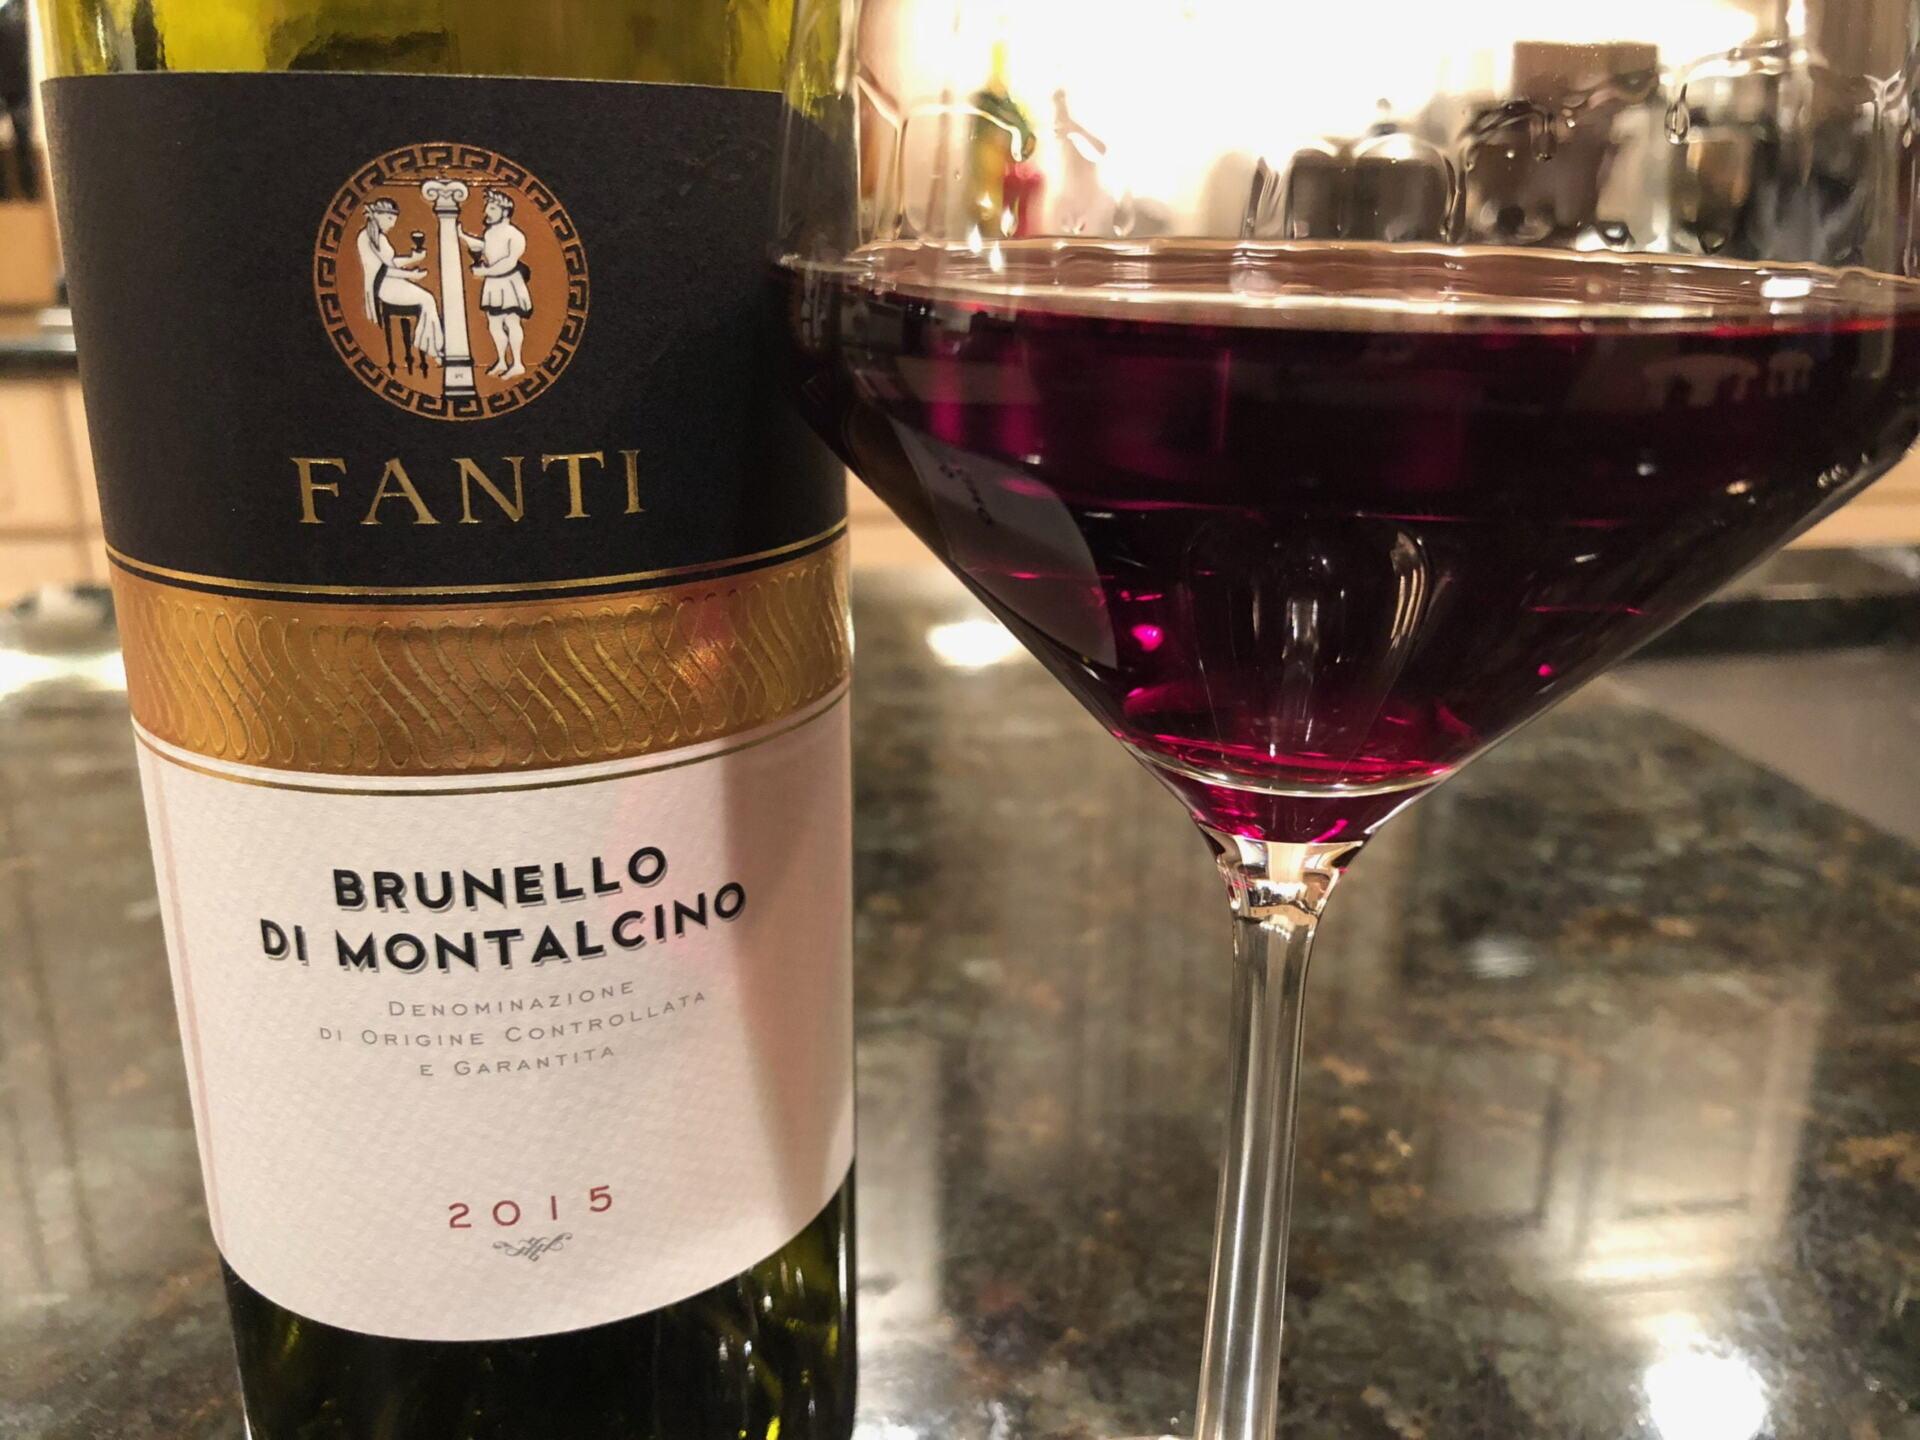 Fanti Brunello in glass